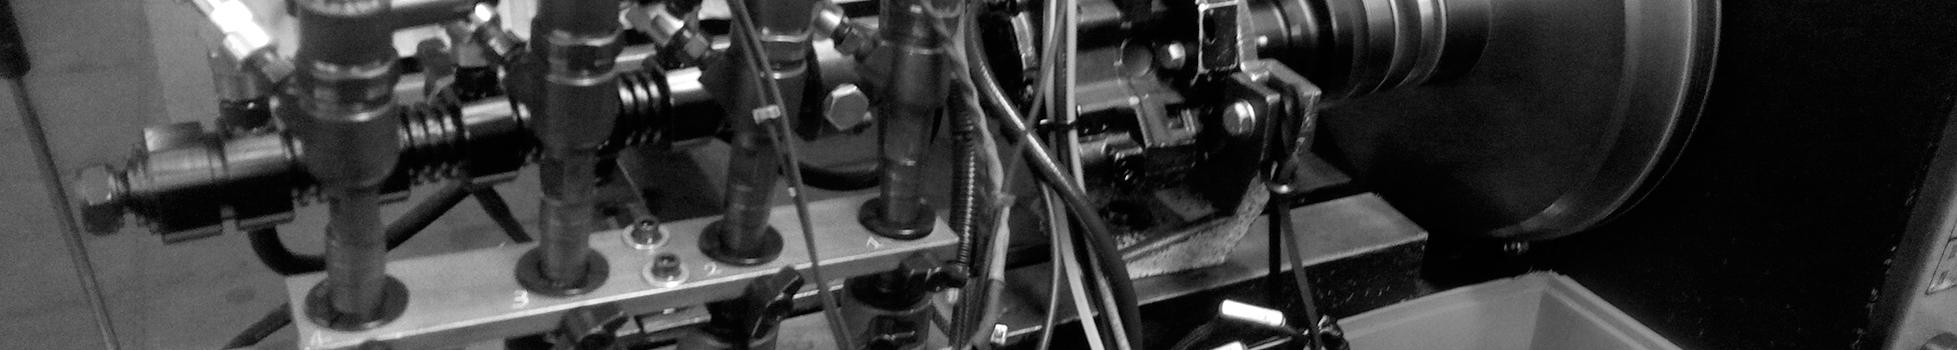 common rail reparation injecteur